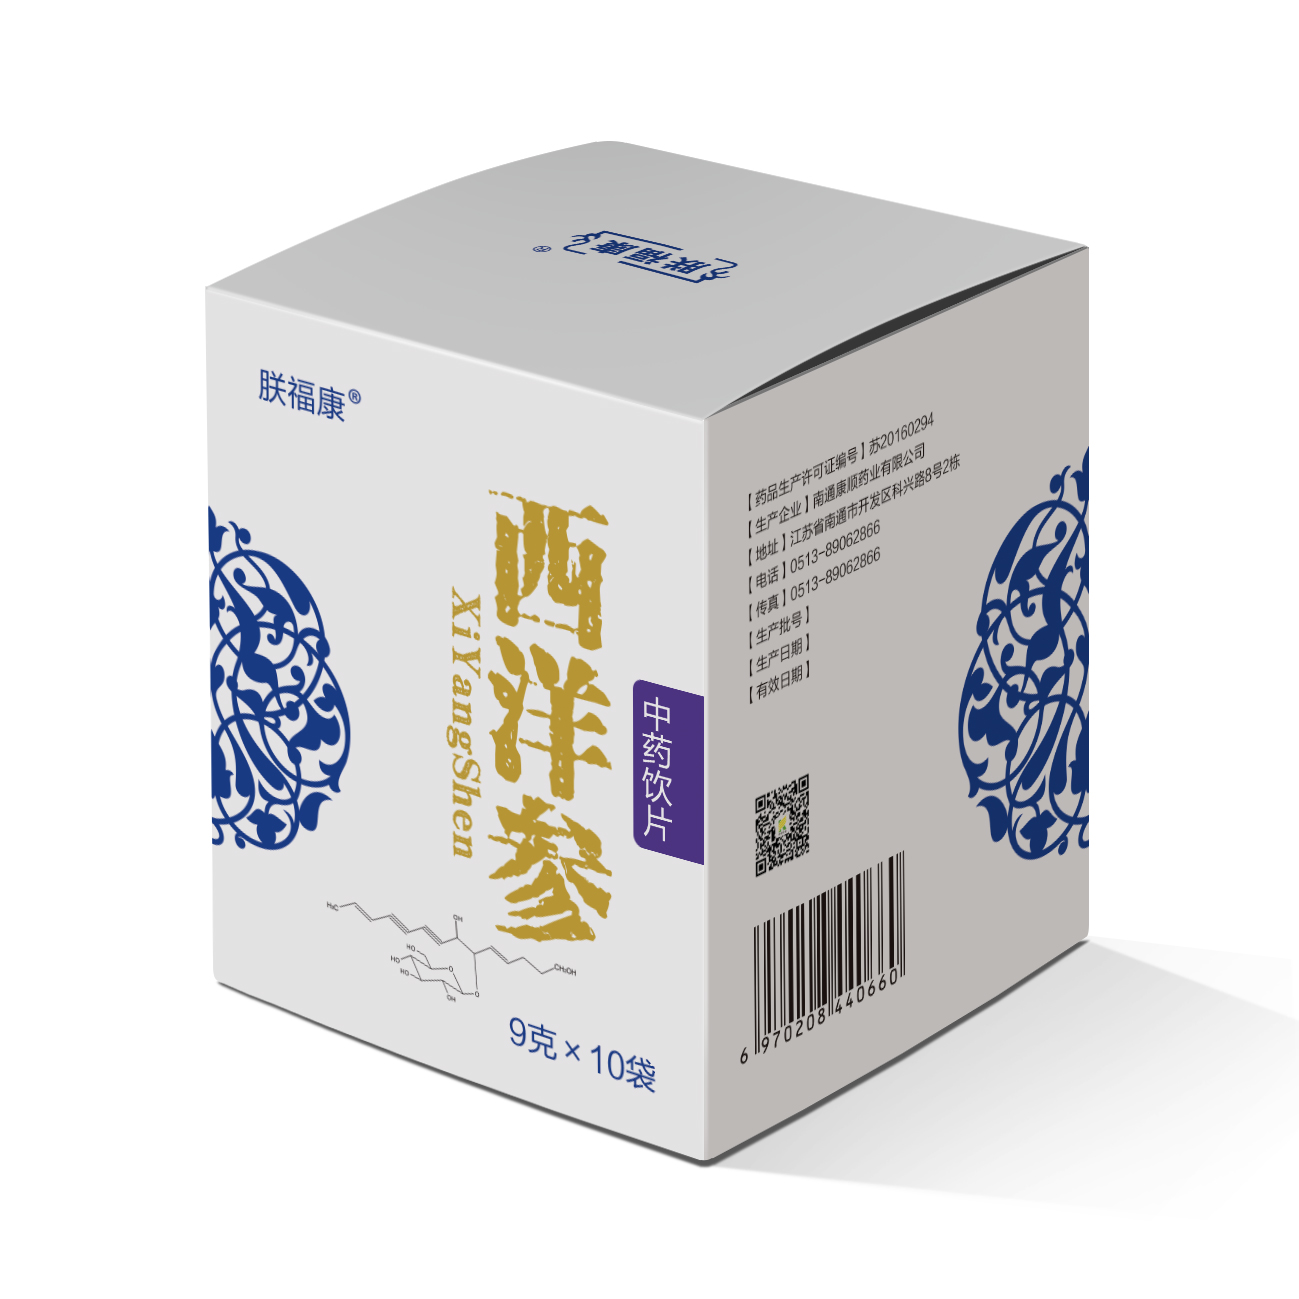 蛋糕药材果茶宠物用品农场汽车配件电子配件包装盒包装袋原创设计